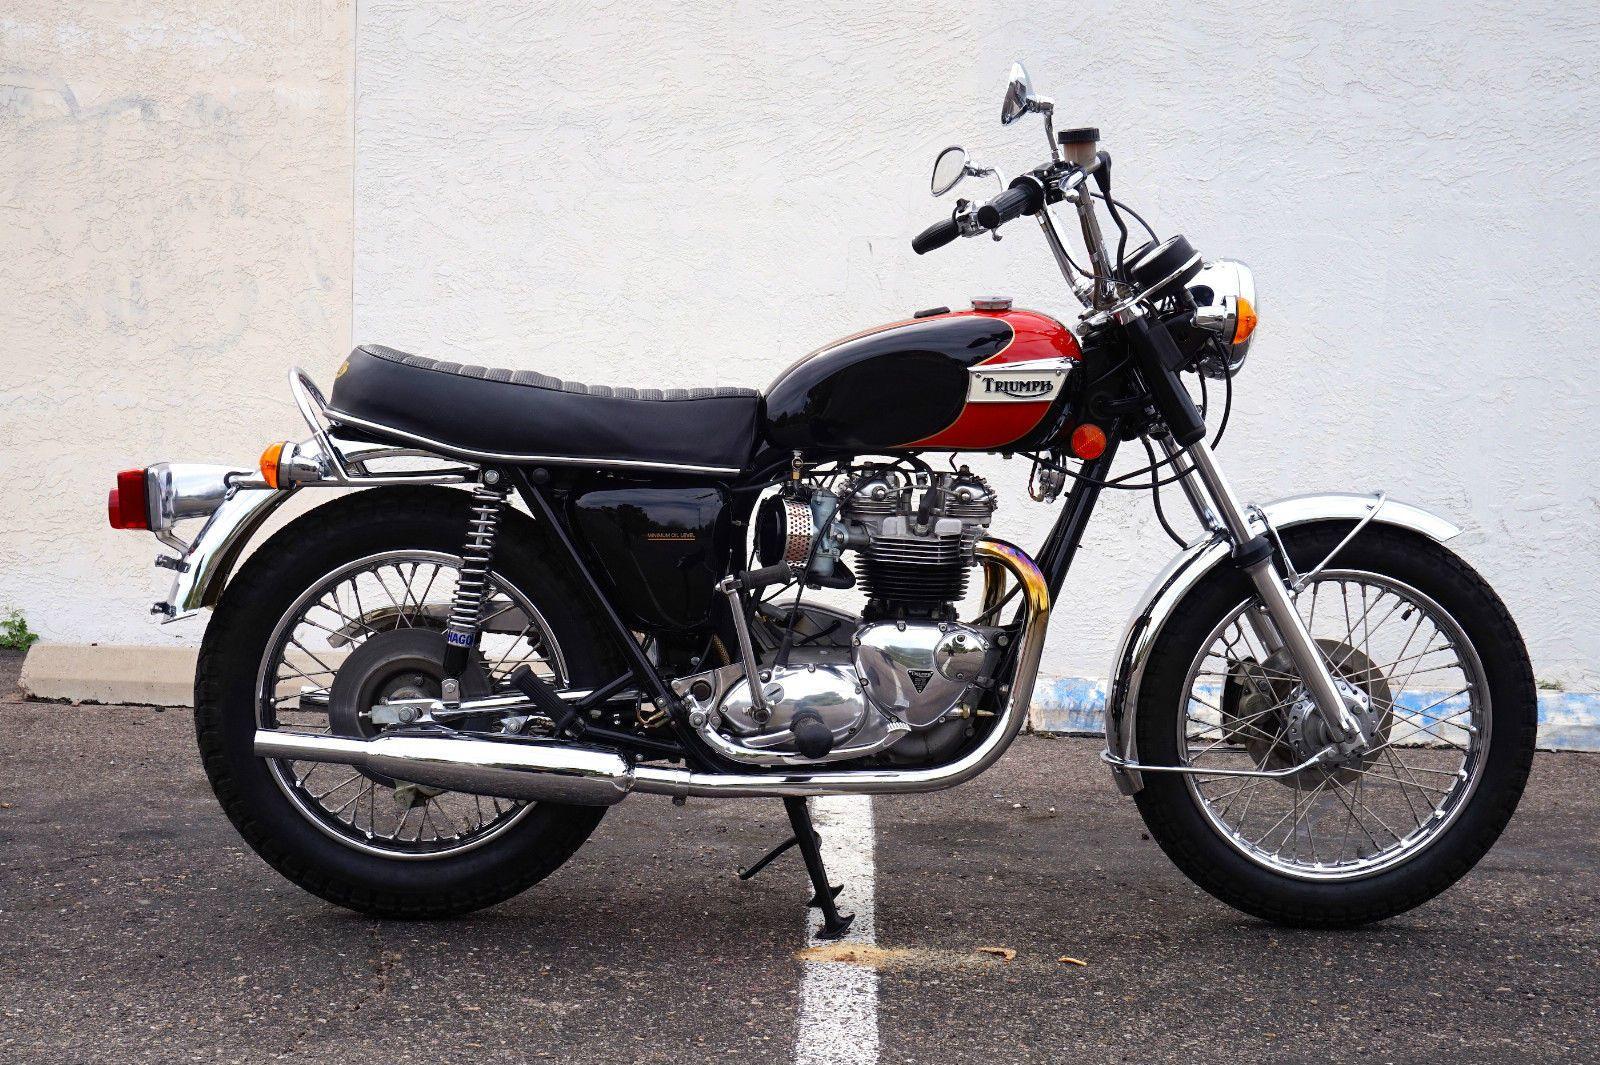 1976 Triumph Bonneville For Sale Triumph Bonneville Triumph Motorcycles Triumph Motorcycles For Sale [ 1065 x 1600 Pixel ]